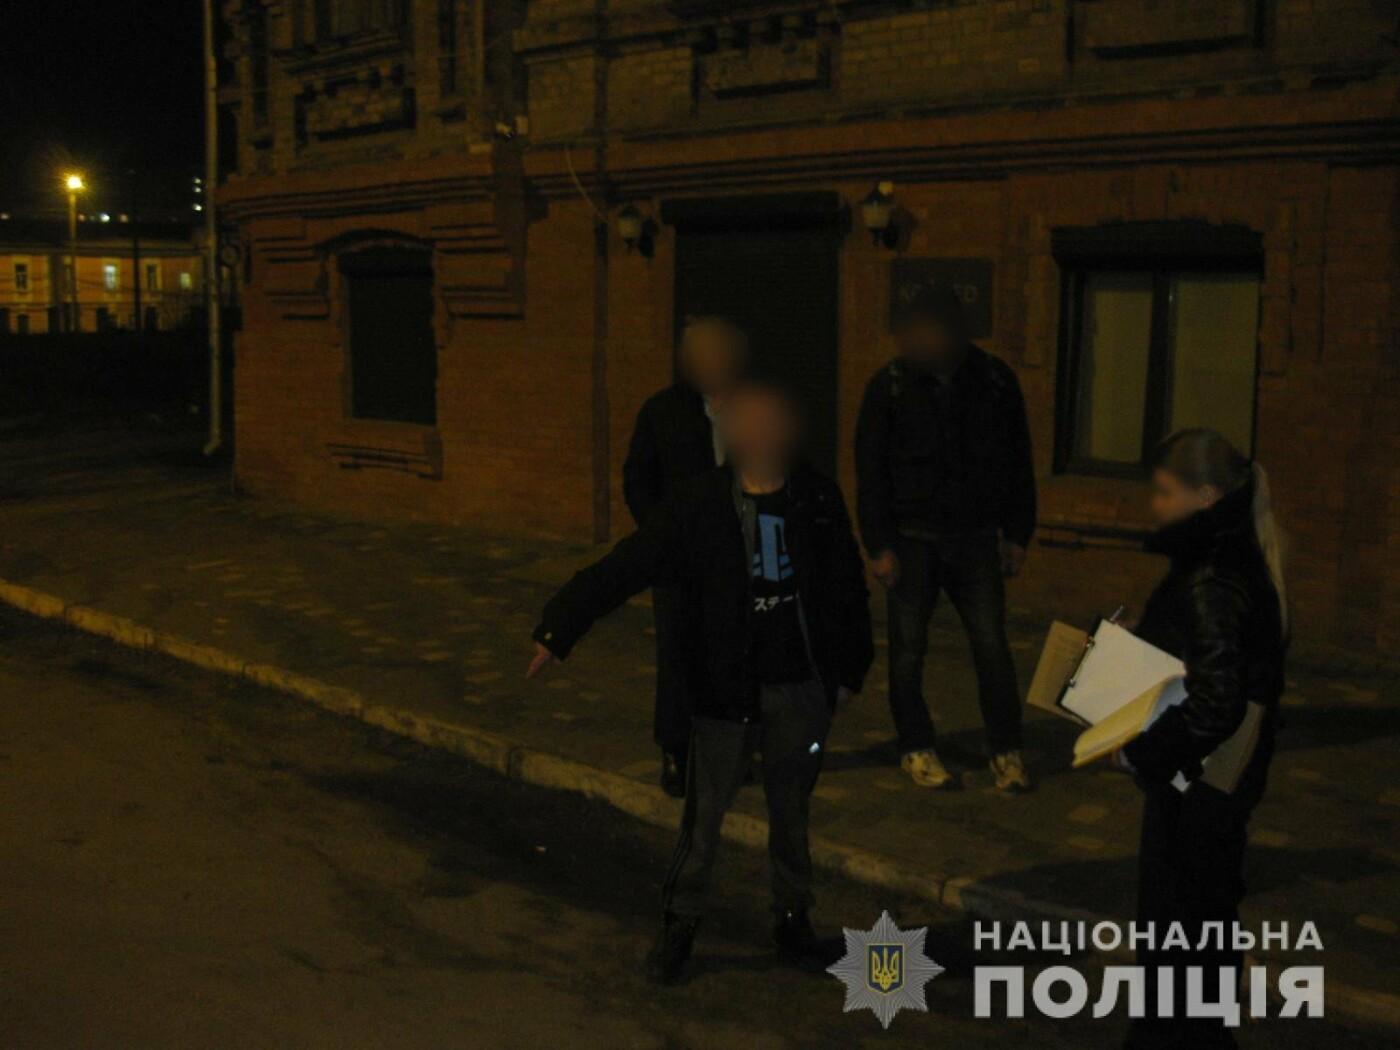 В Харькове мужчина едва не убил соседа, ударив его ножом в живот, - ФОТО, фото-1